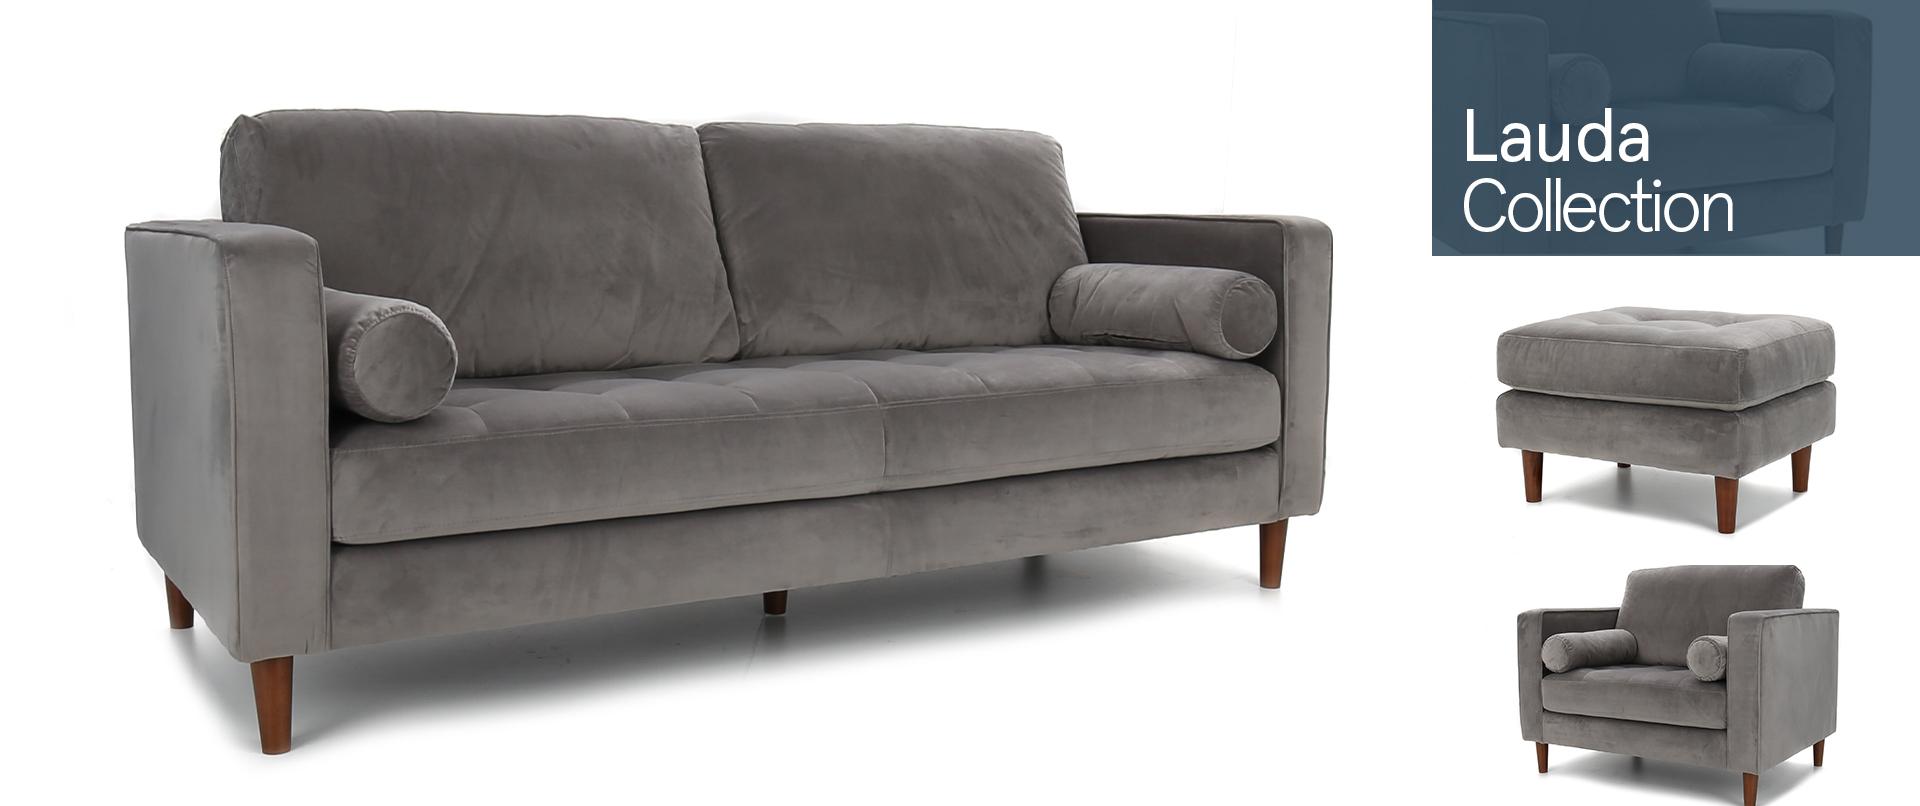 Lauda Fabric Sofa Cousins Furniture